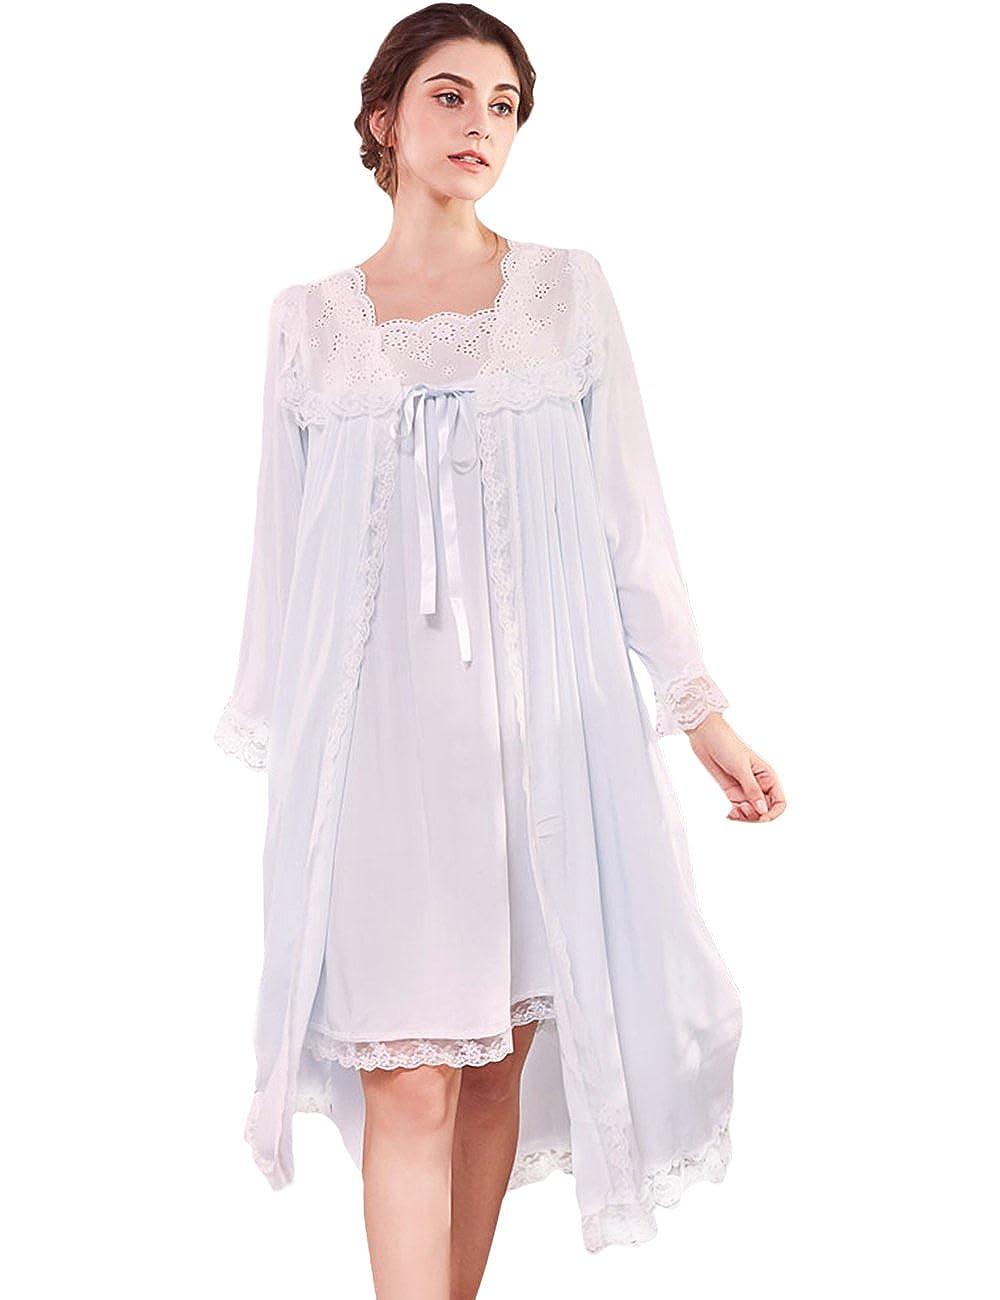 AIKOSHA Womens Retro Palace Style Full Flare Sleeve Two Piece Lace Cotton  Nightdress Set  Amazon.co.uk  Clothing 43e0c2d05